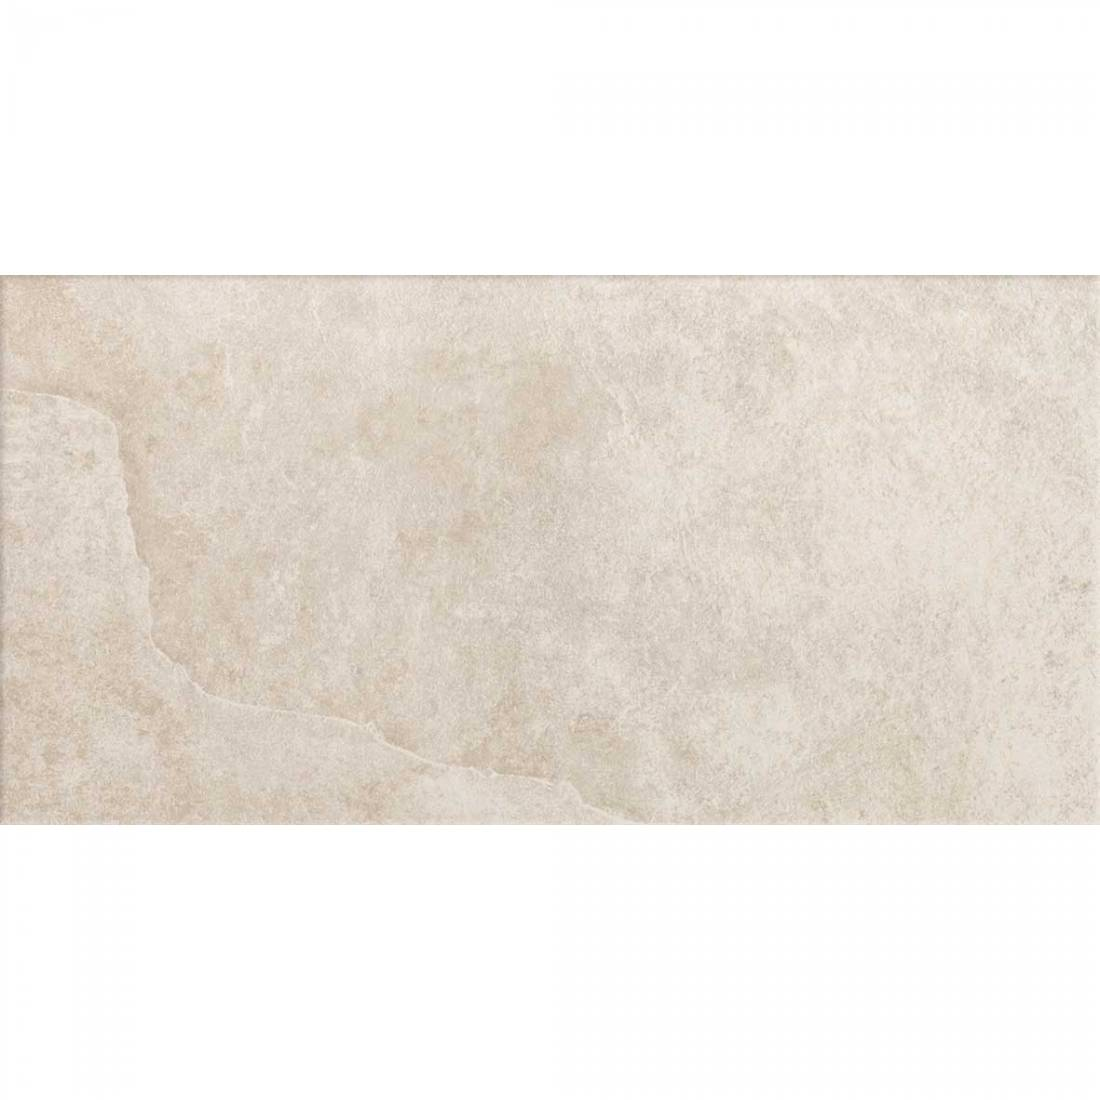 Portland Stone 30x60 Off White Matt 1